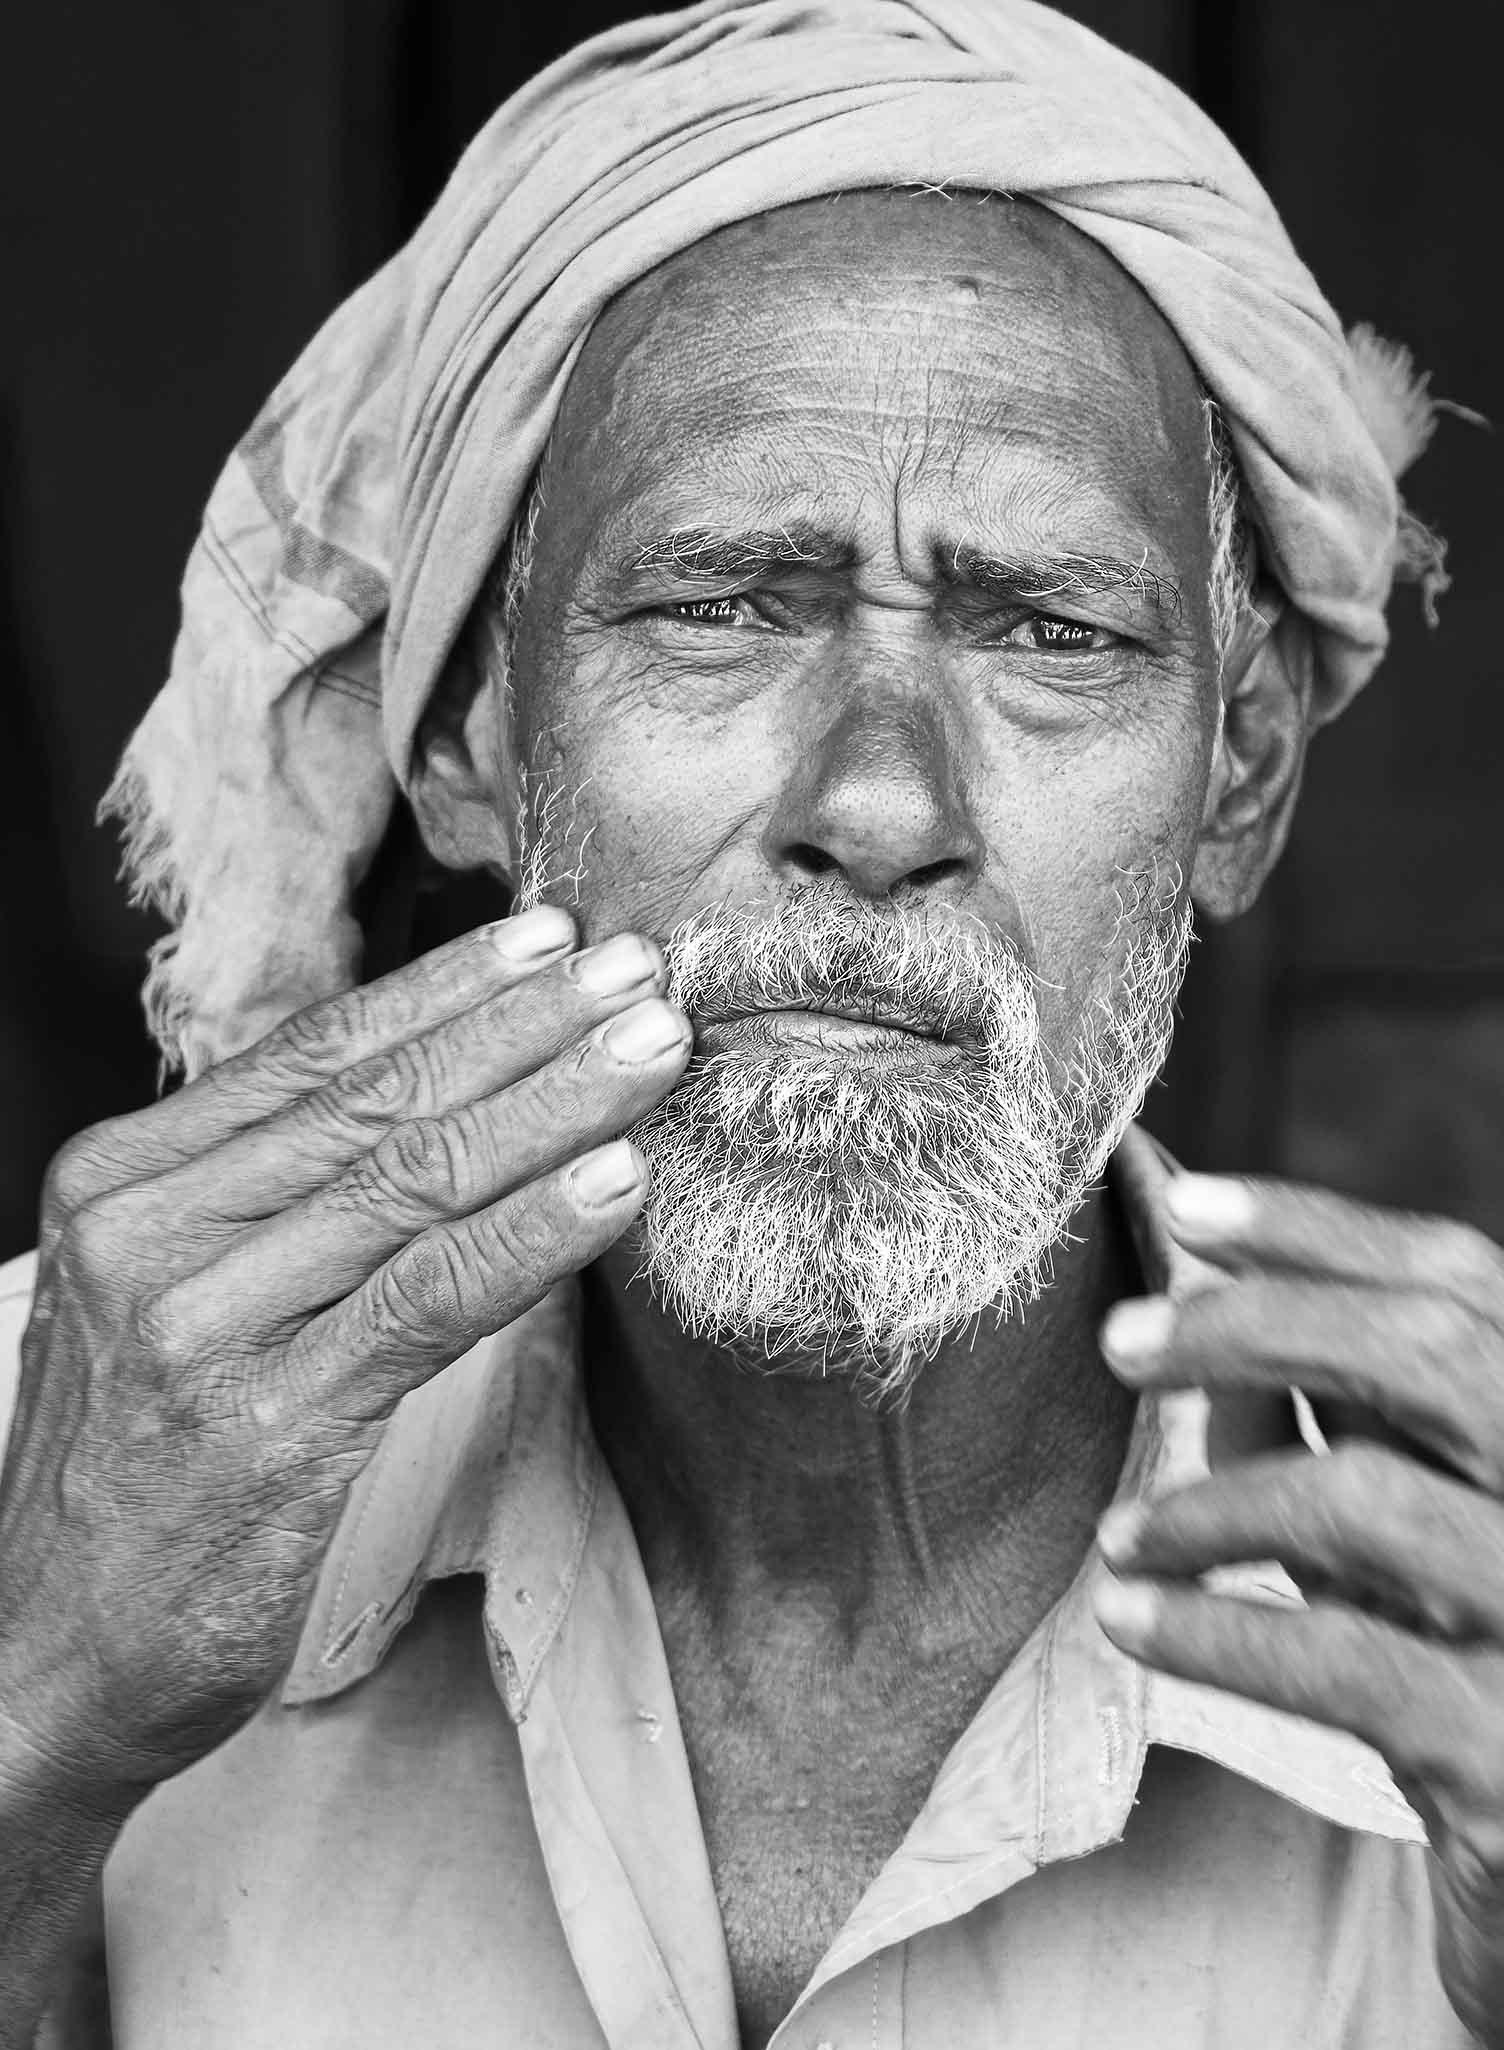 Man Odisha 3.3.1 DSCF6050